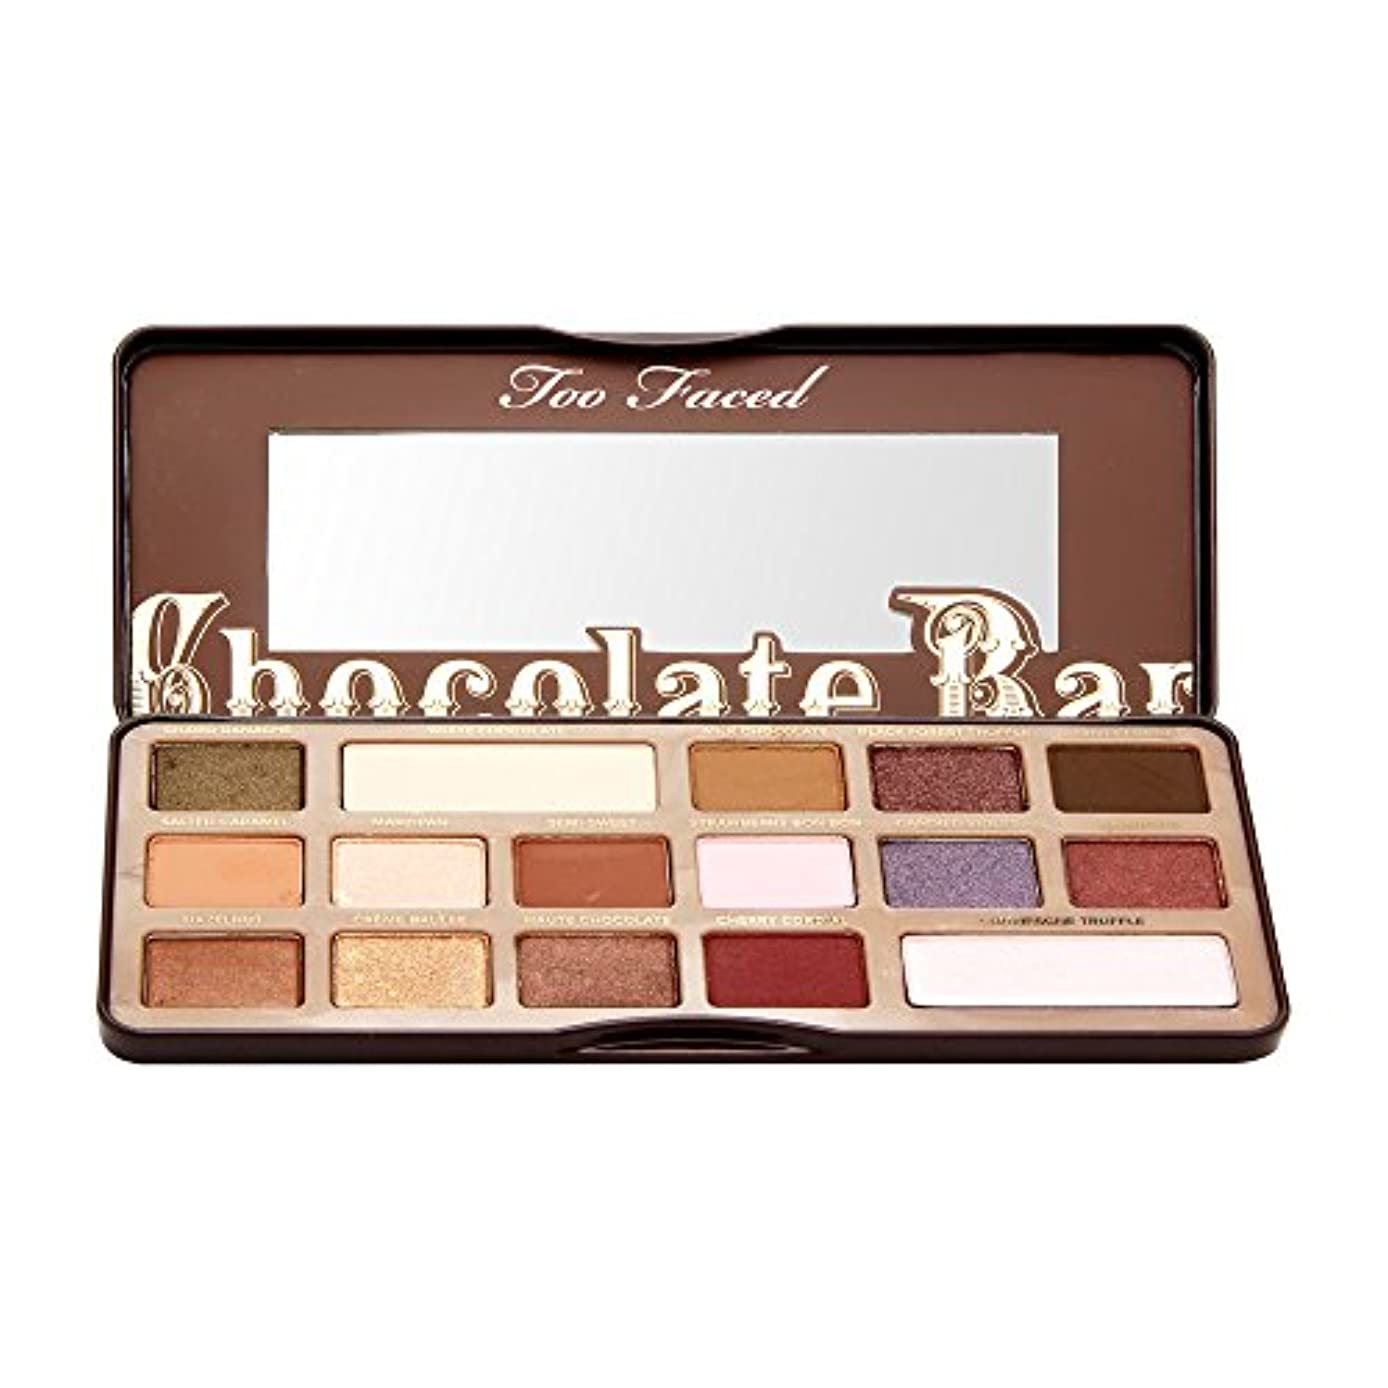 レベル嫌な廃棄Too Faced Chocolate Bar Eye Shadow Collection (並行輸入品)